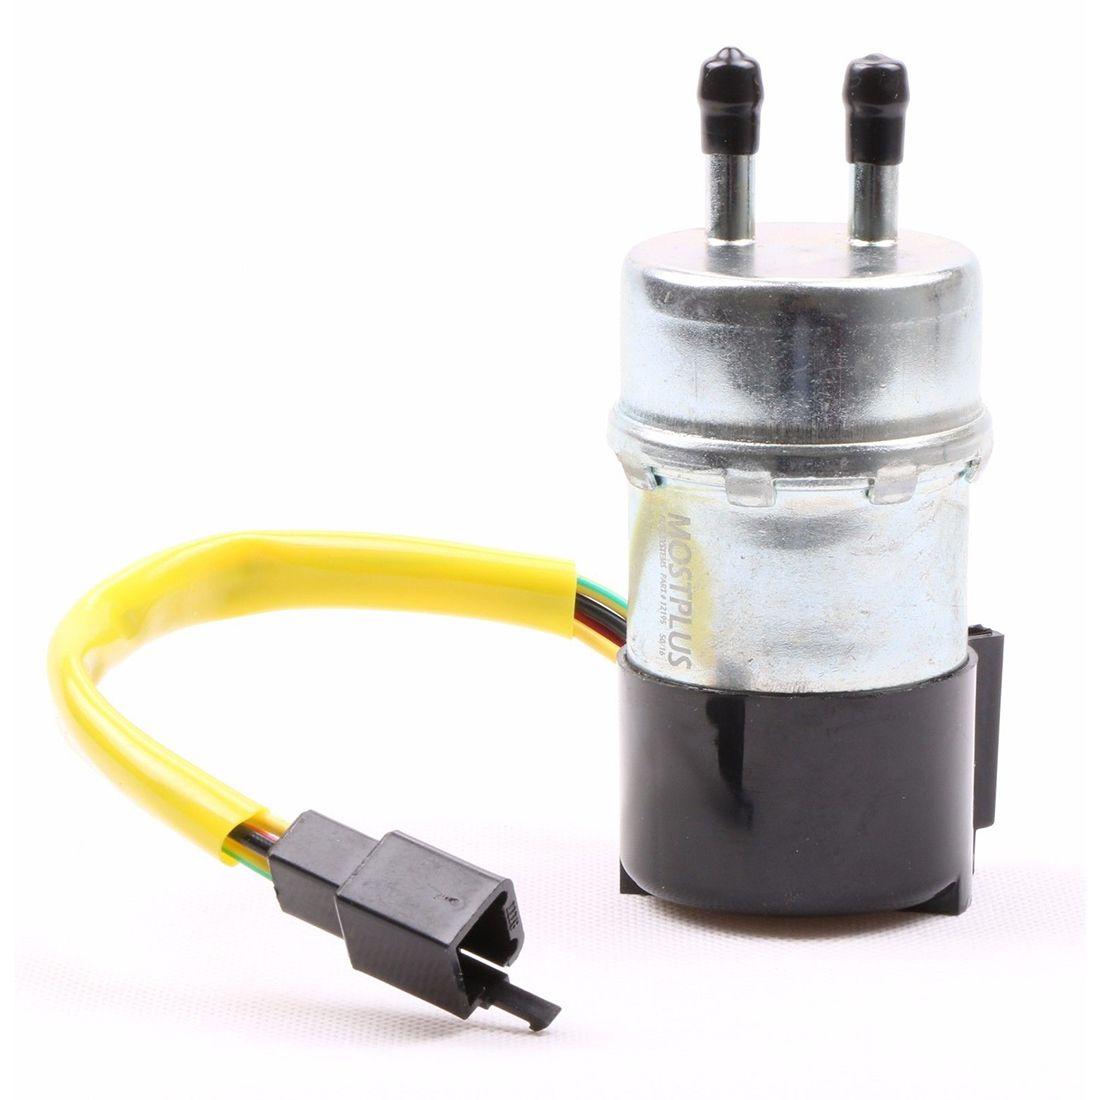 4 Wires Fuel Pump for SUZUKI VZ800 Marauder 1997-2004